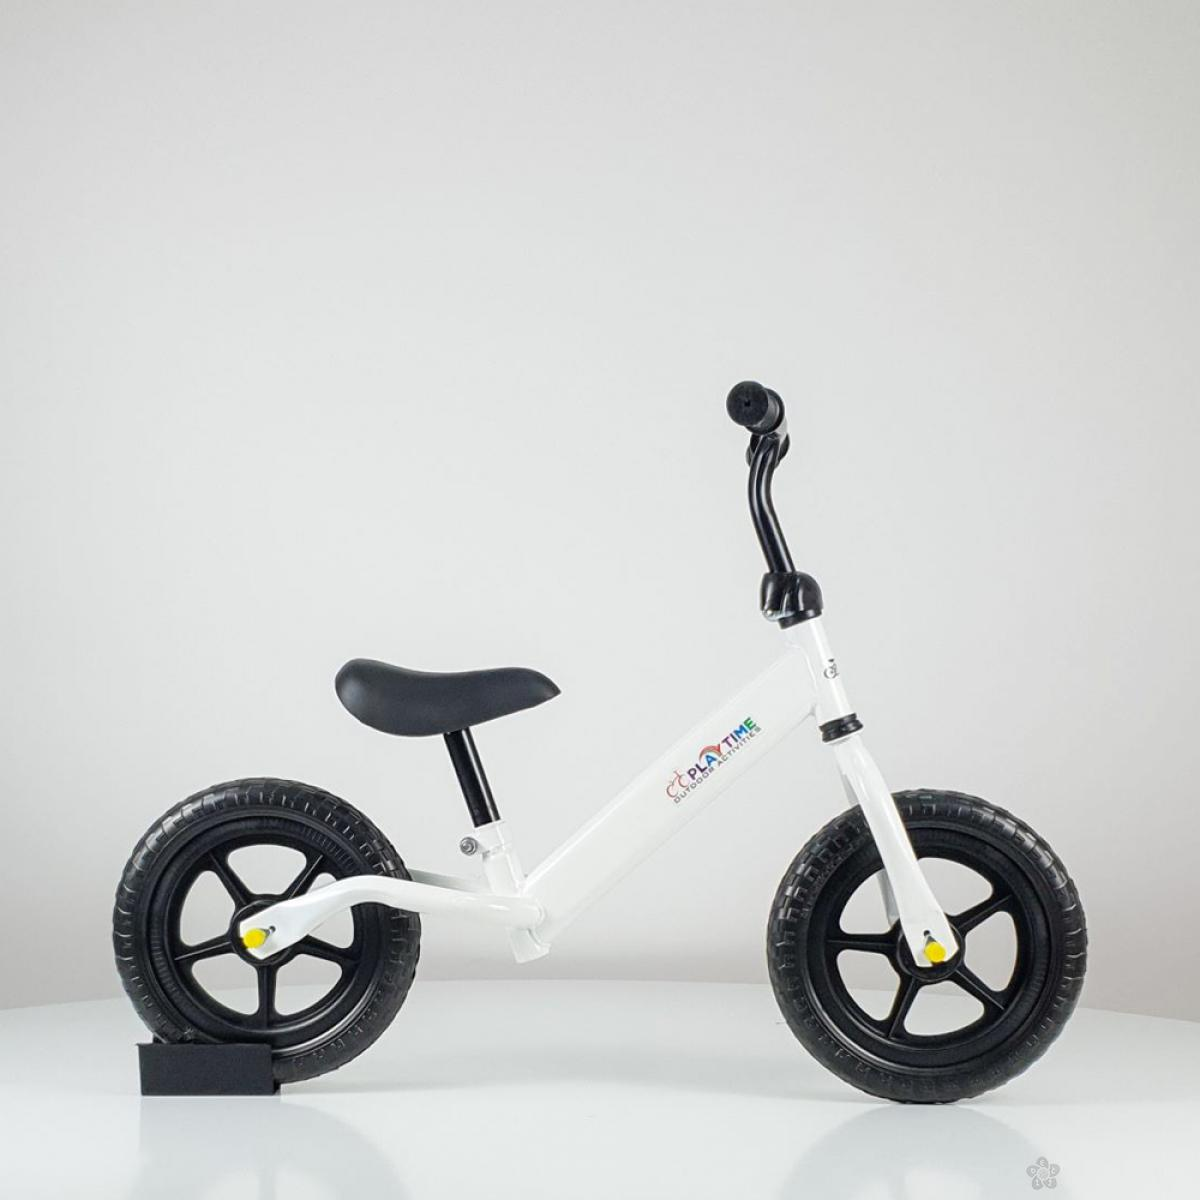 Biciklo za decu Balance bike, model 750 beli